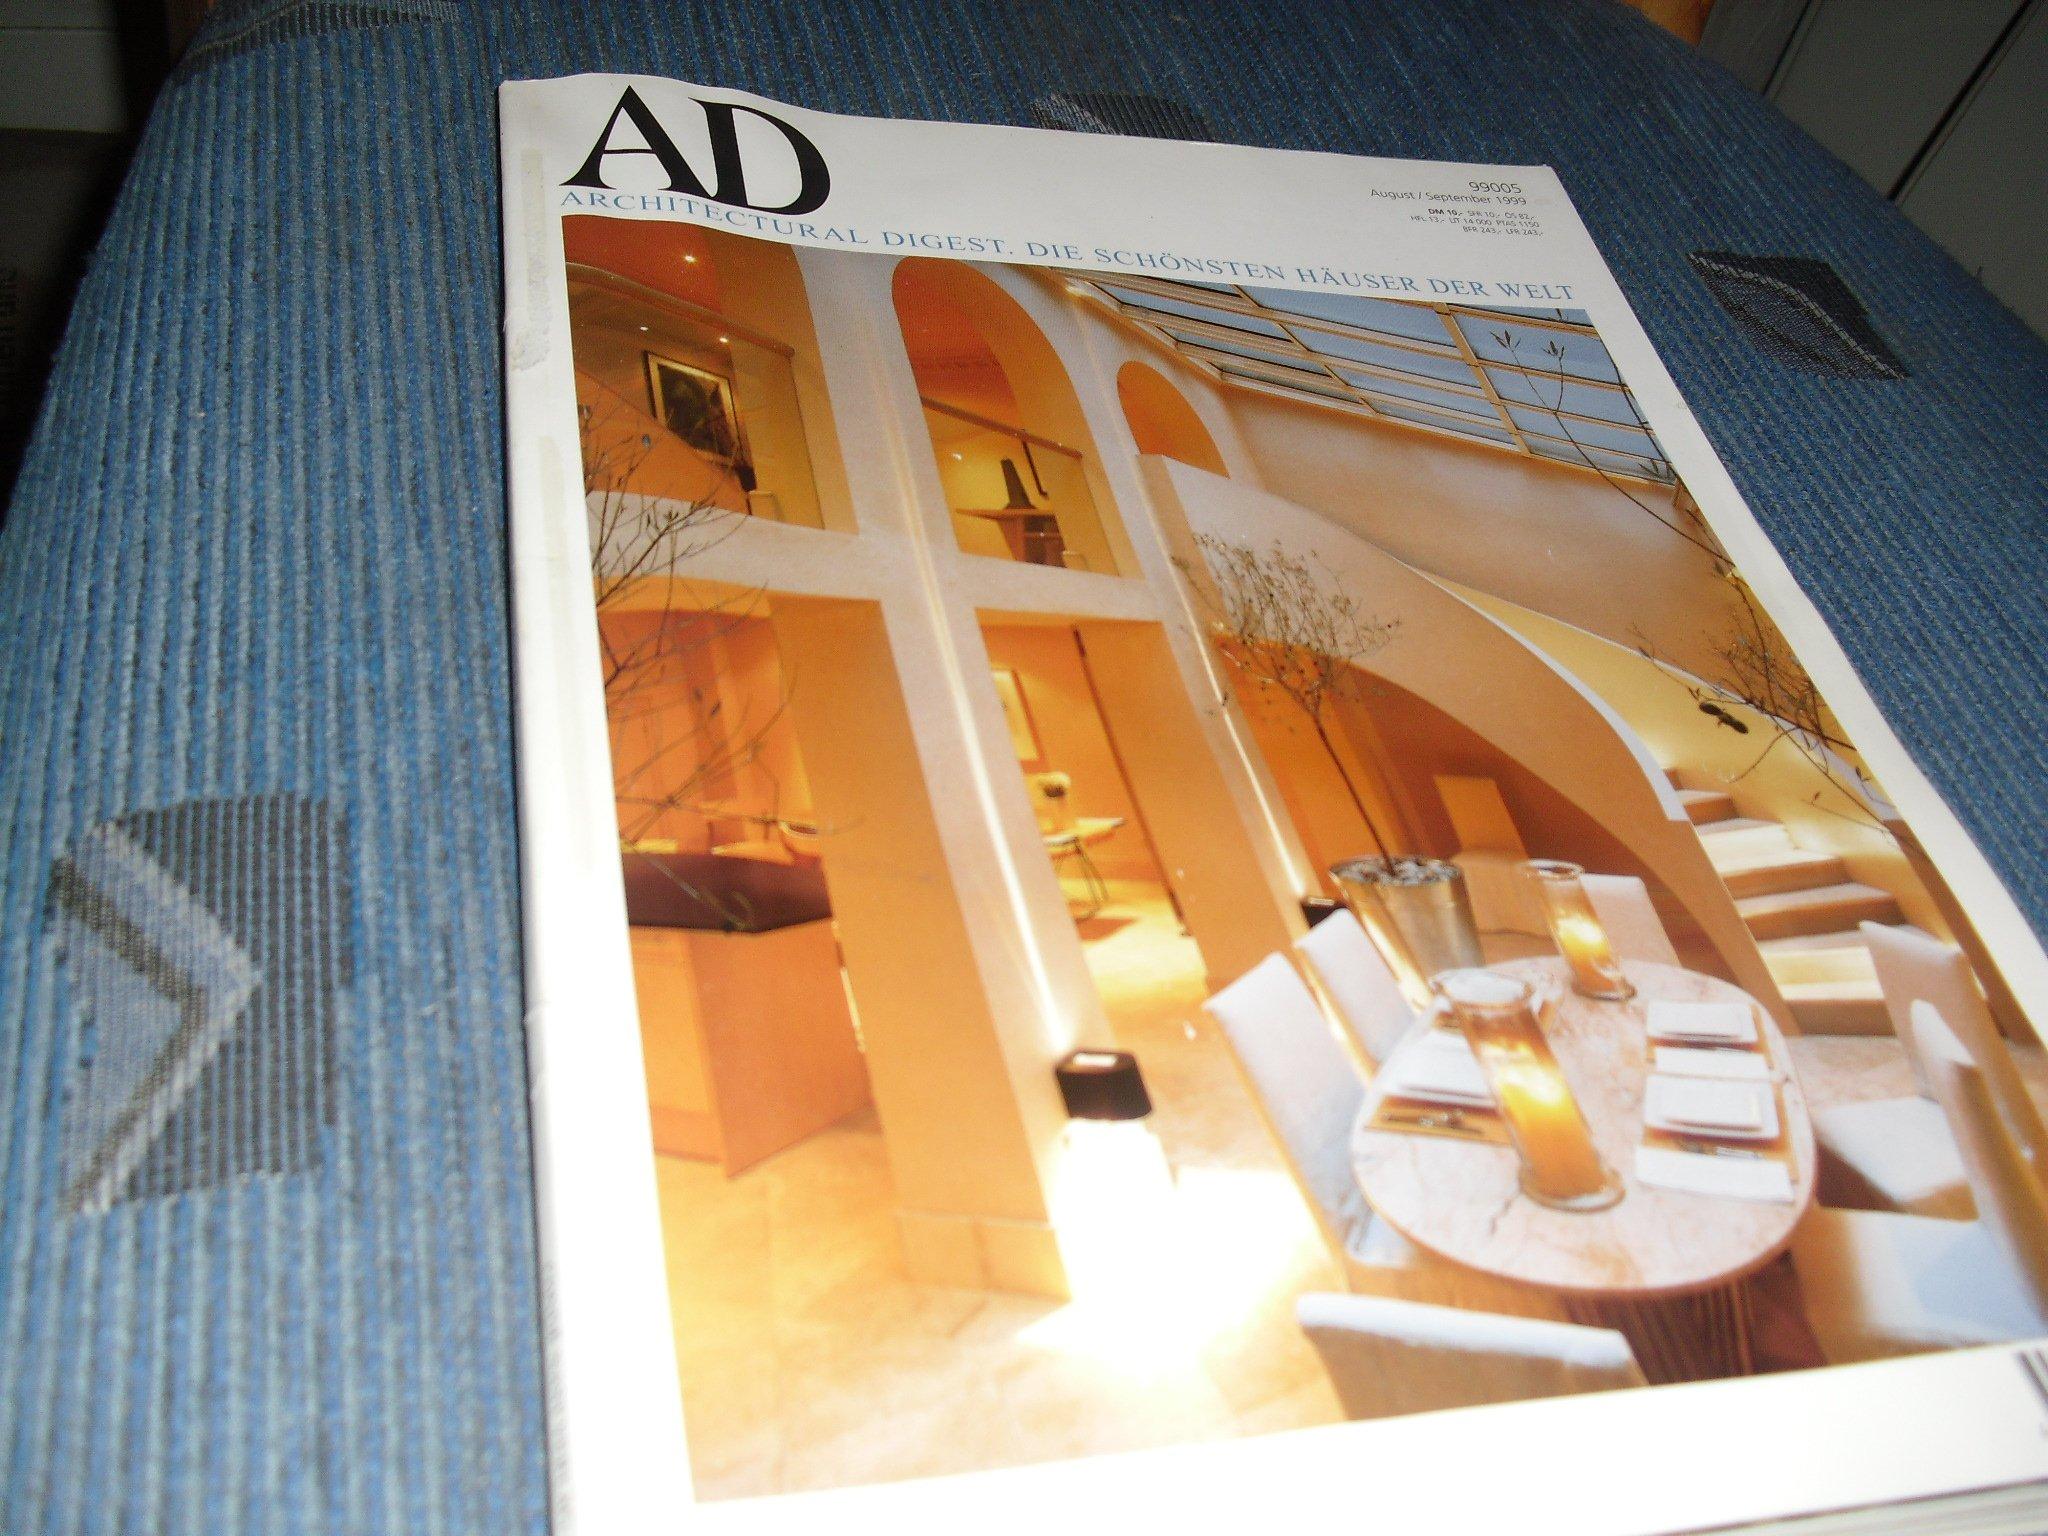 Ad Architectural Digest Die Schonsten Hauser Der Welt Amazon De